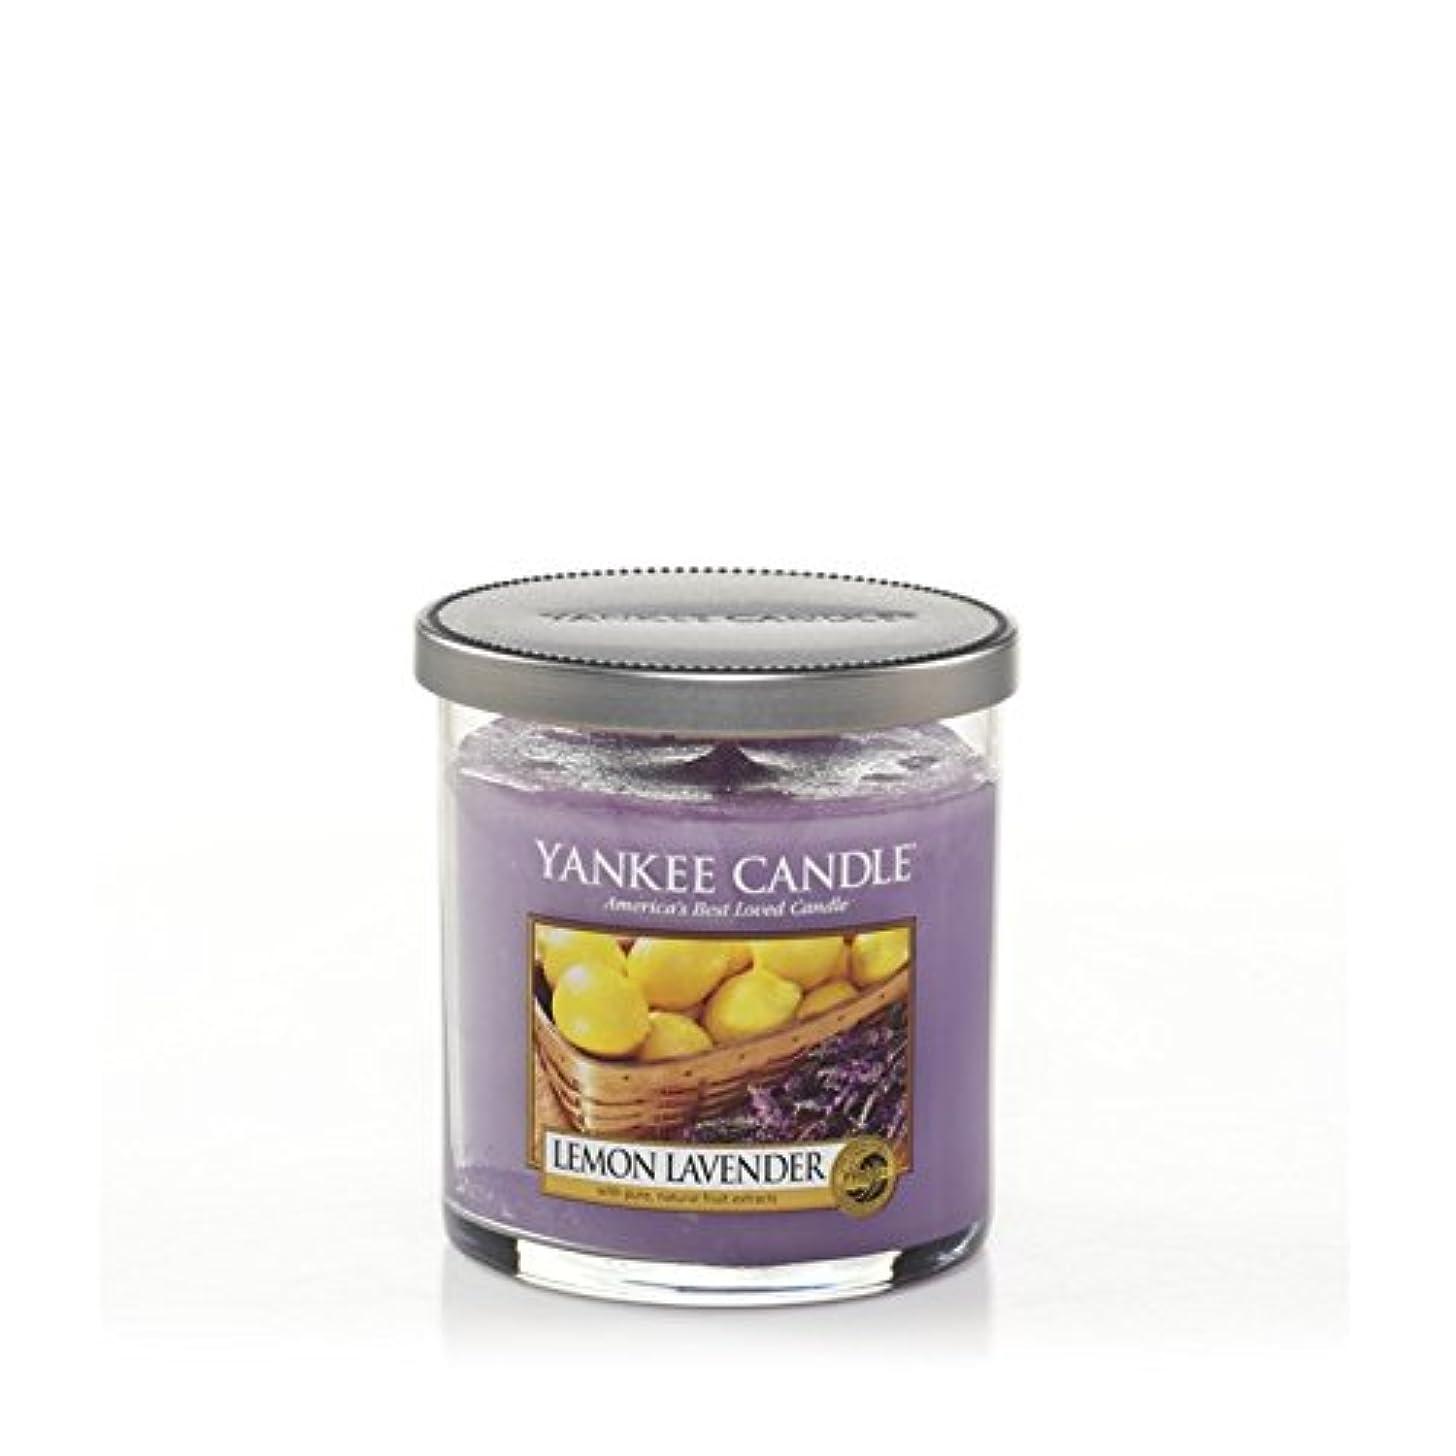 反毒ソフィー美しいYankee Candles Small Pillar Candle - Lemon Lavender (Pack of 6) - ヤンキーキャンドルの小さな柱キャンドル - レモンラベンダー (x6) [並行輸入品]